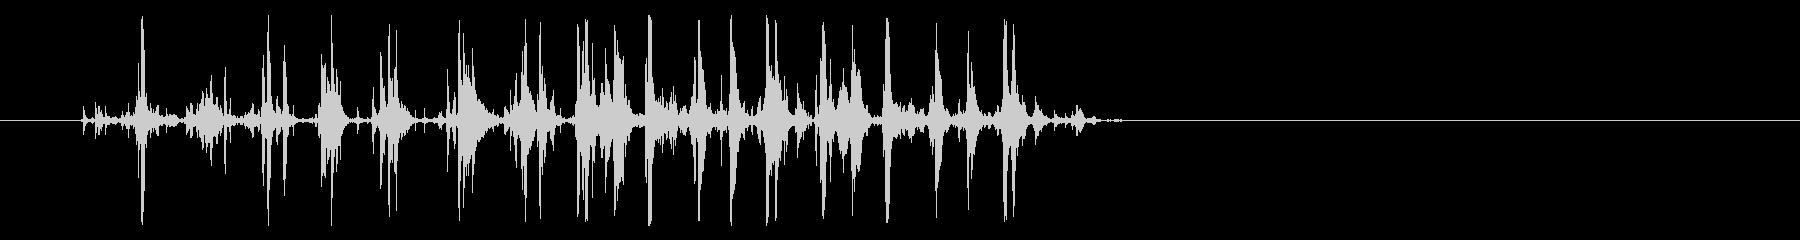 ジングル - ジュースをコップに注ぐ音の未再生の波形